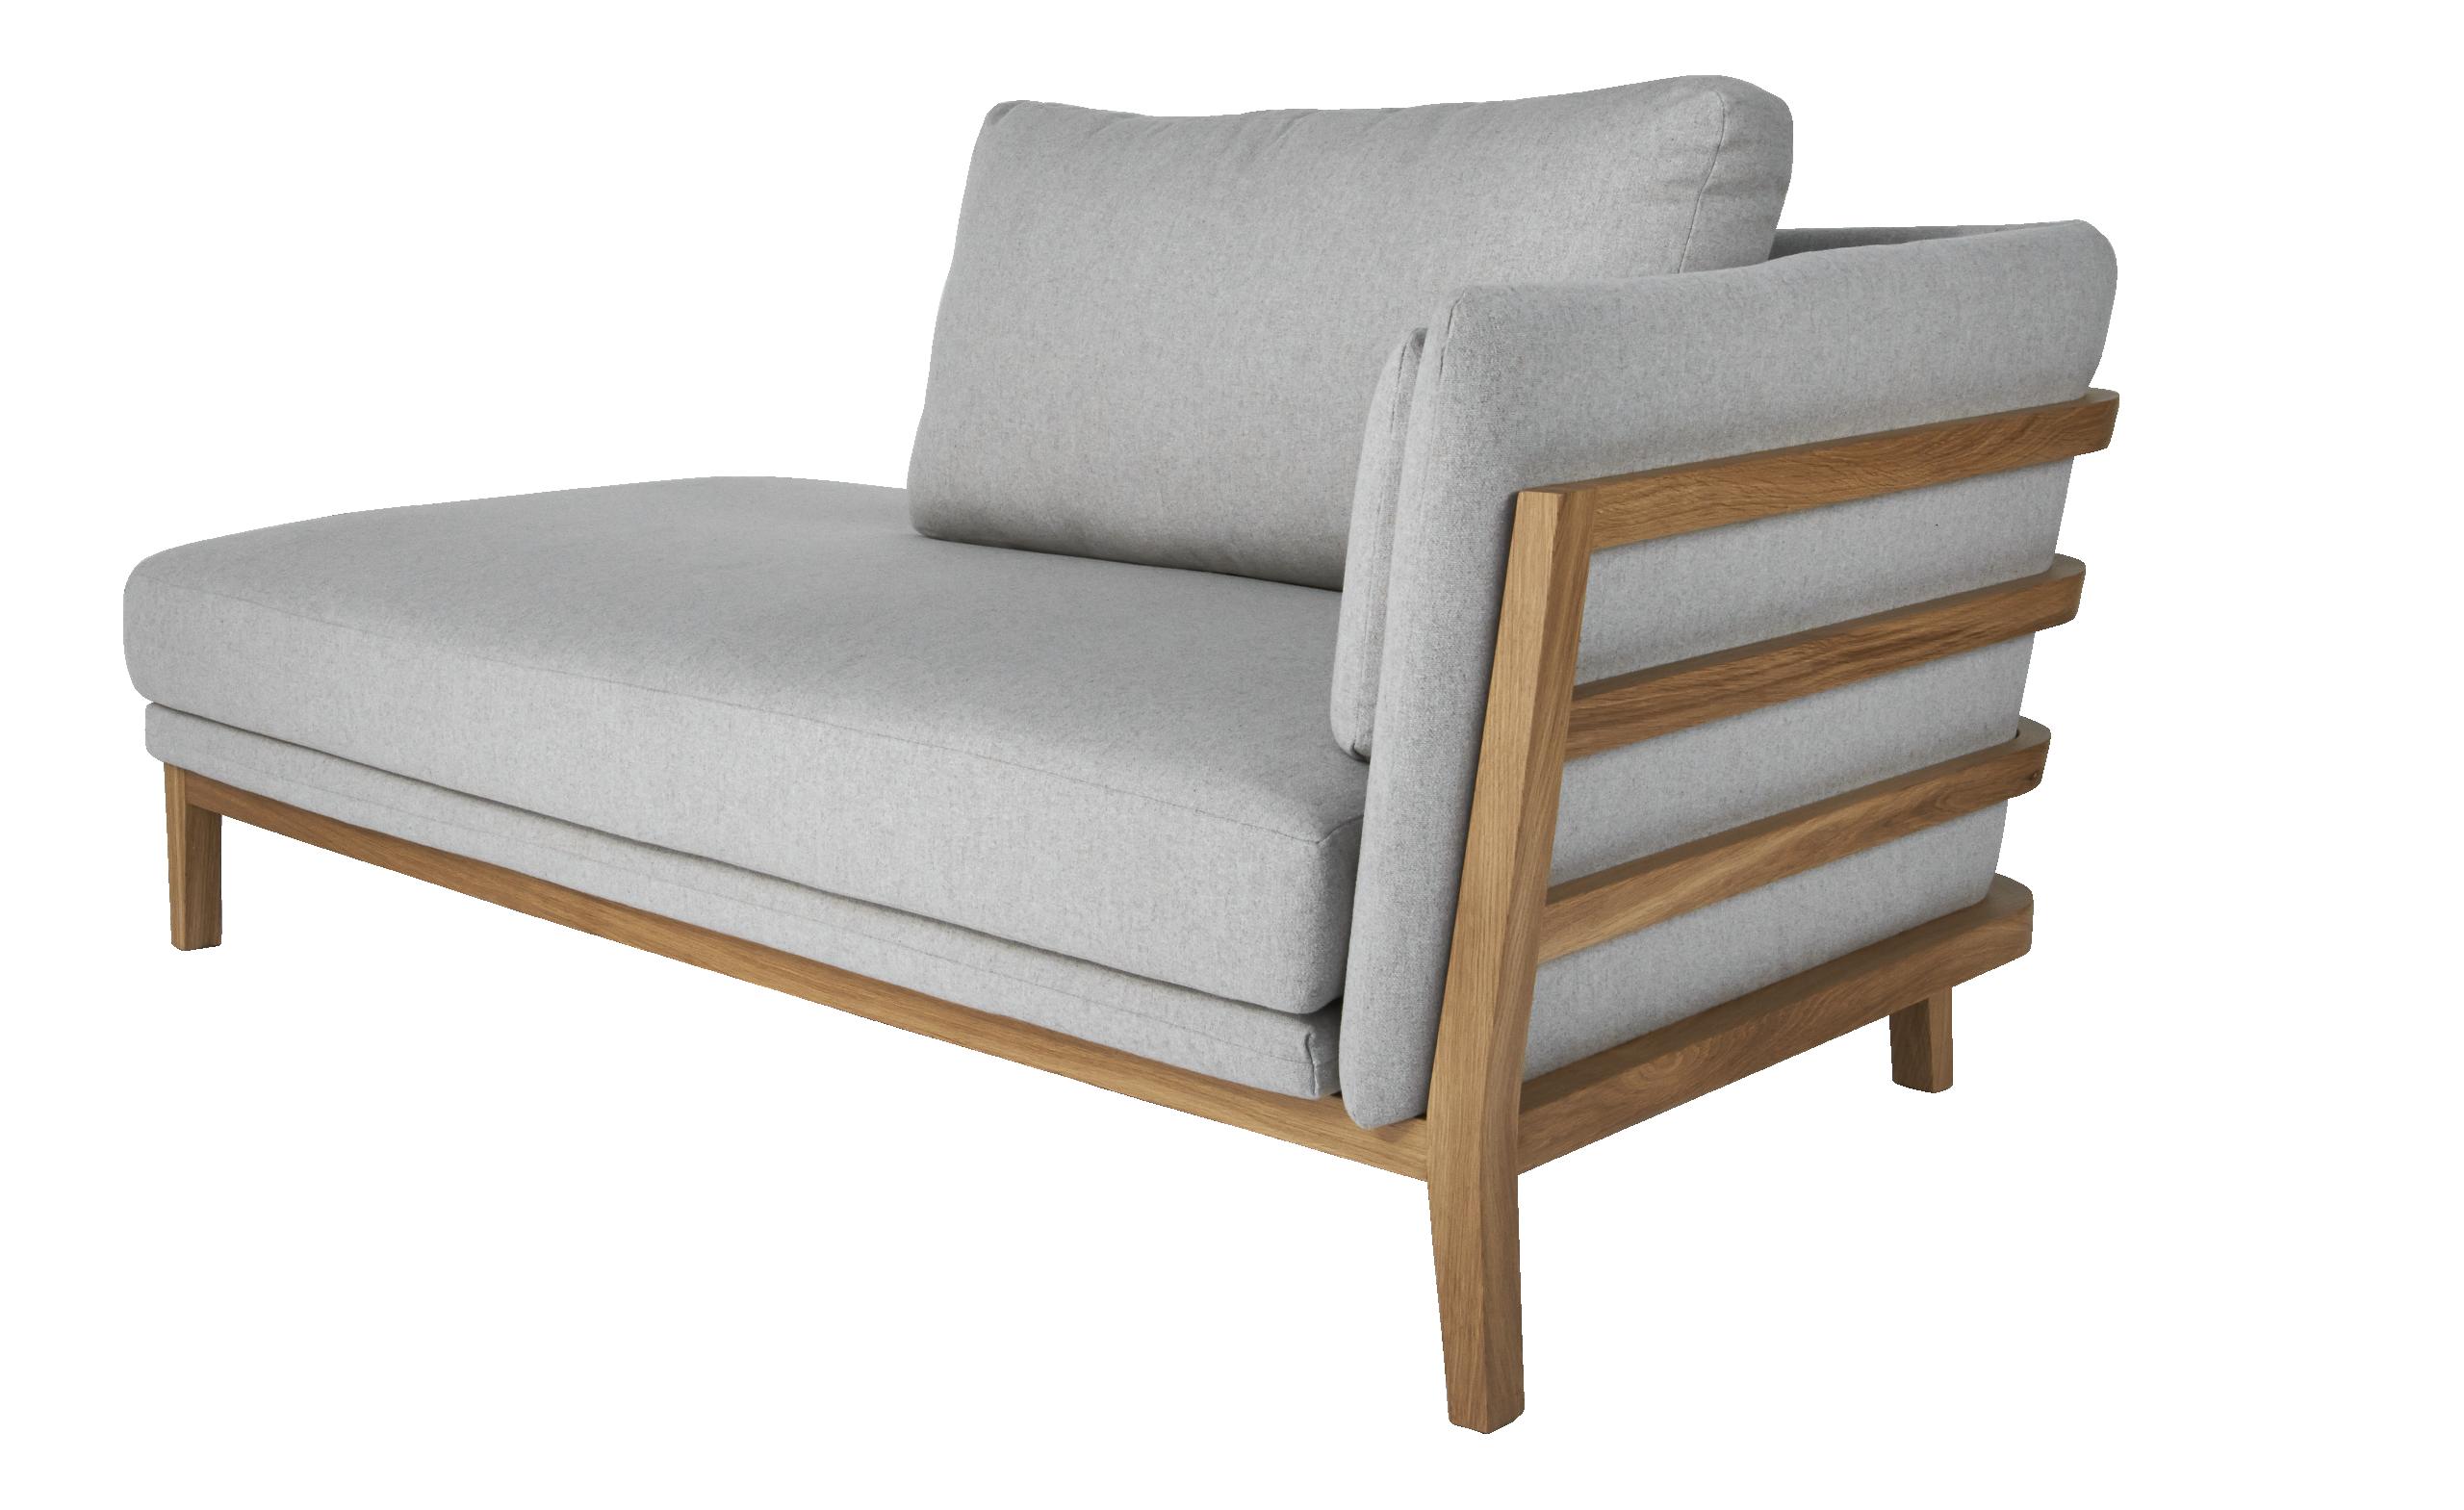 boat recamiere aus stoff sofas pinterest recamiere m bel und wohnzimmer. Black Bedroom Furniture Sets. Home Design Ideas